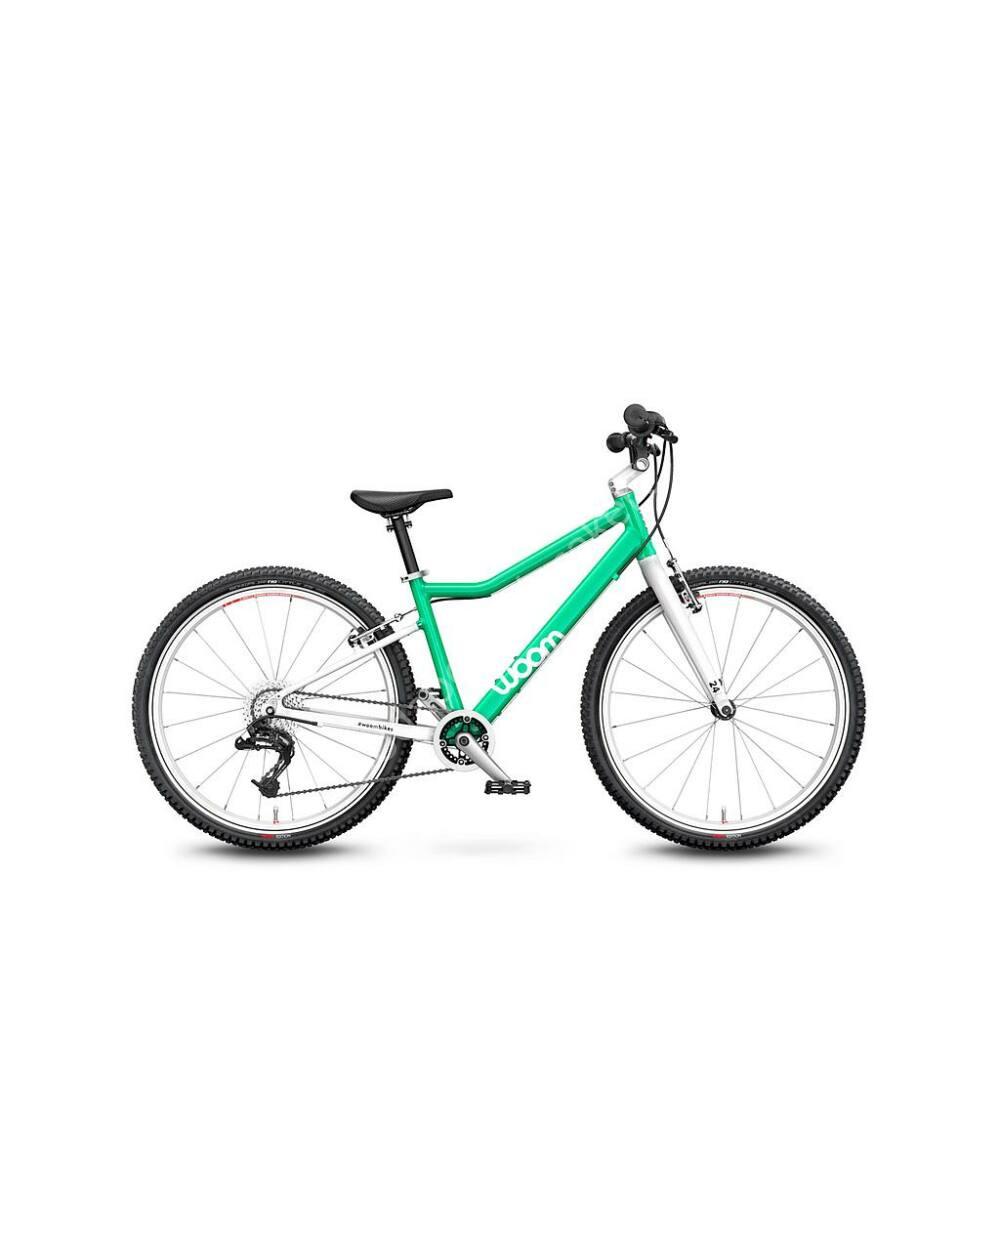 """Woom 5 MENTA 24"""" gyerek kerékpár, 125-145 cm testmagasság, 8.2kg"""